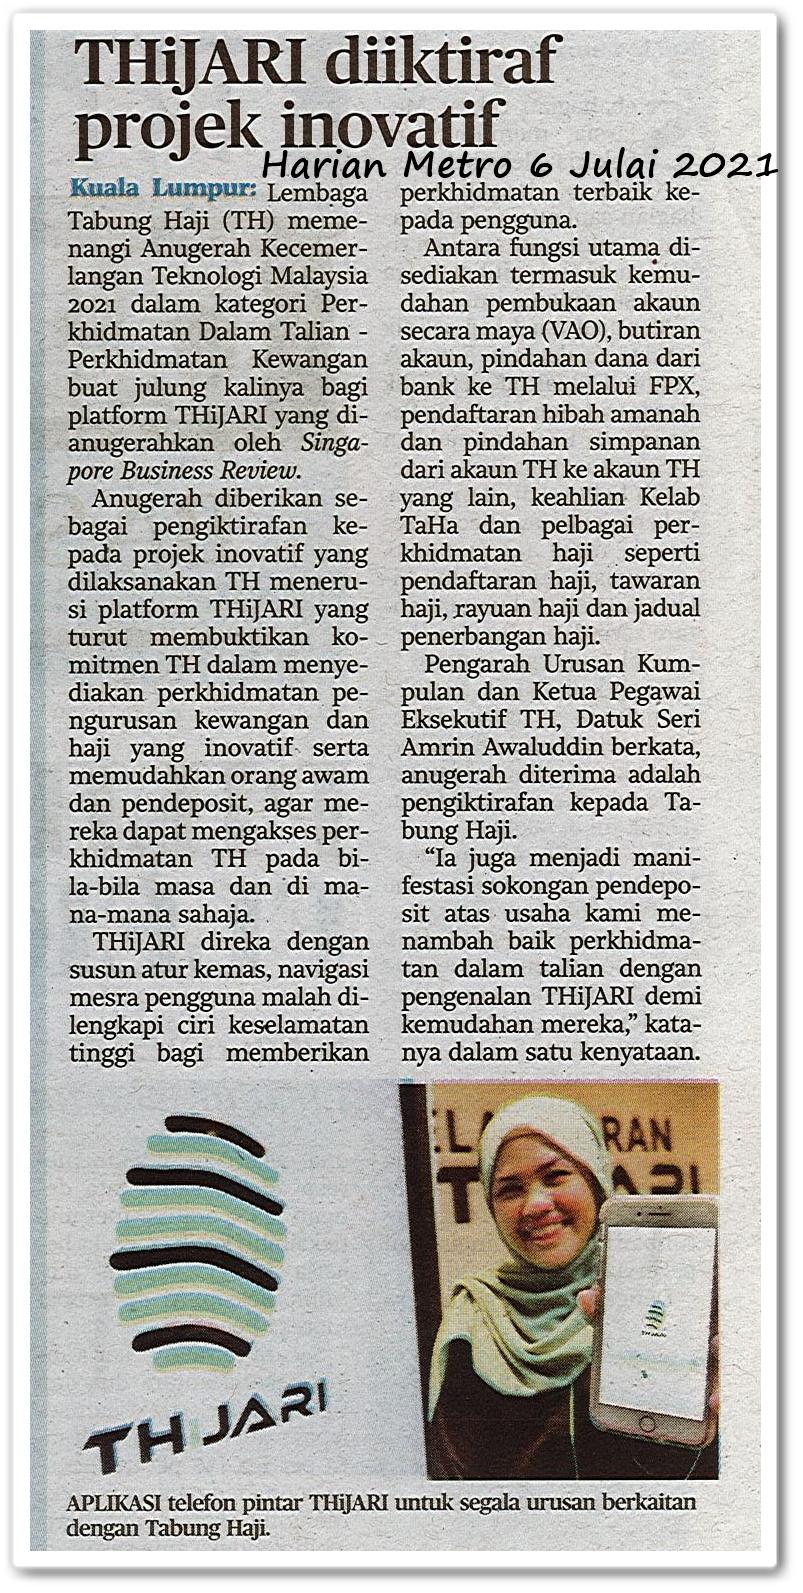 THiJARI diiktiraf projek inovatif - Keratan akhbar Harian Metro 6 Julai 2021